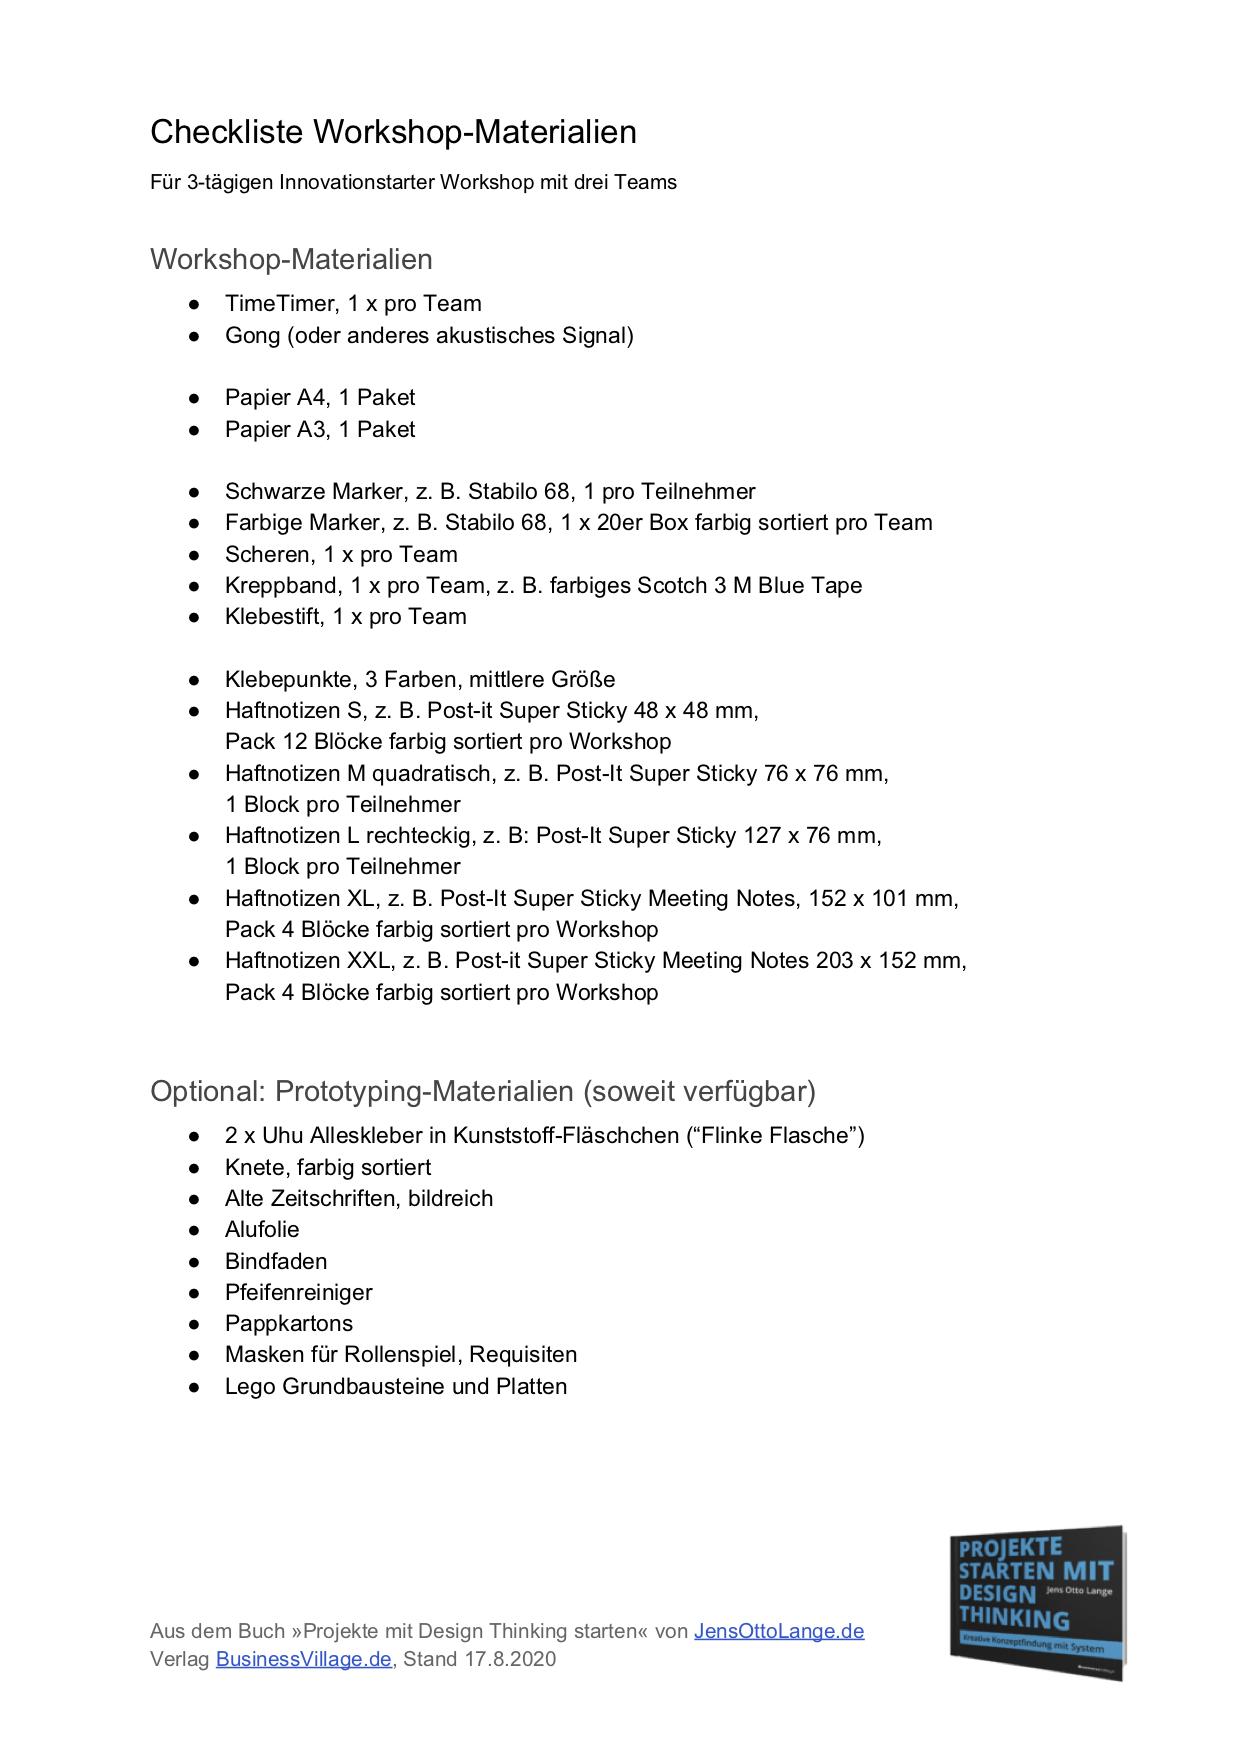 5. Checkliste Workshop-Materialien herunterladen